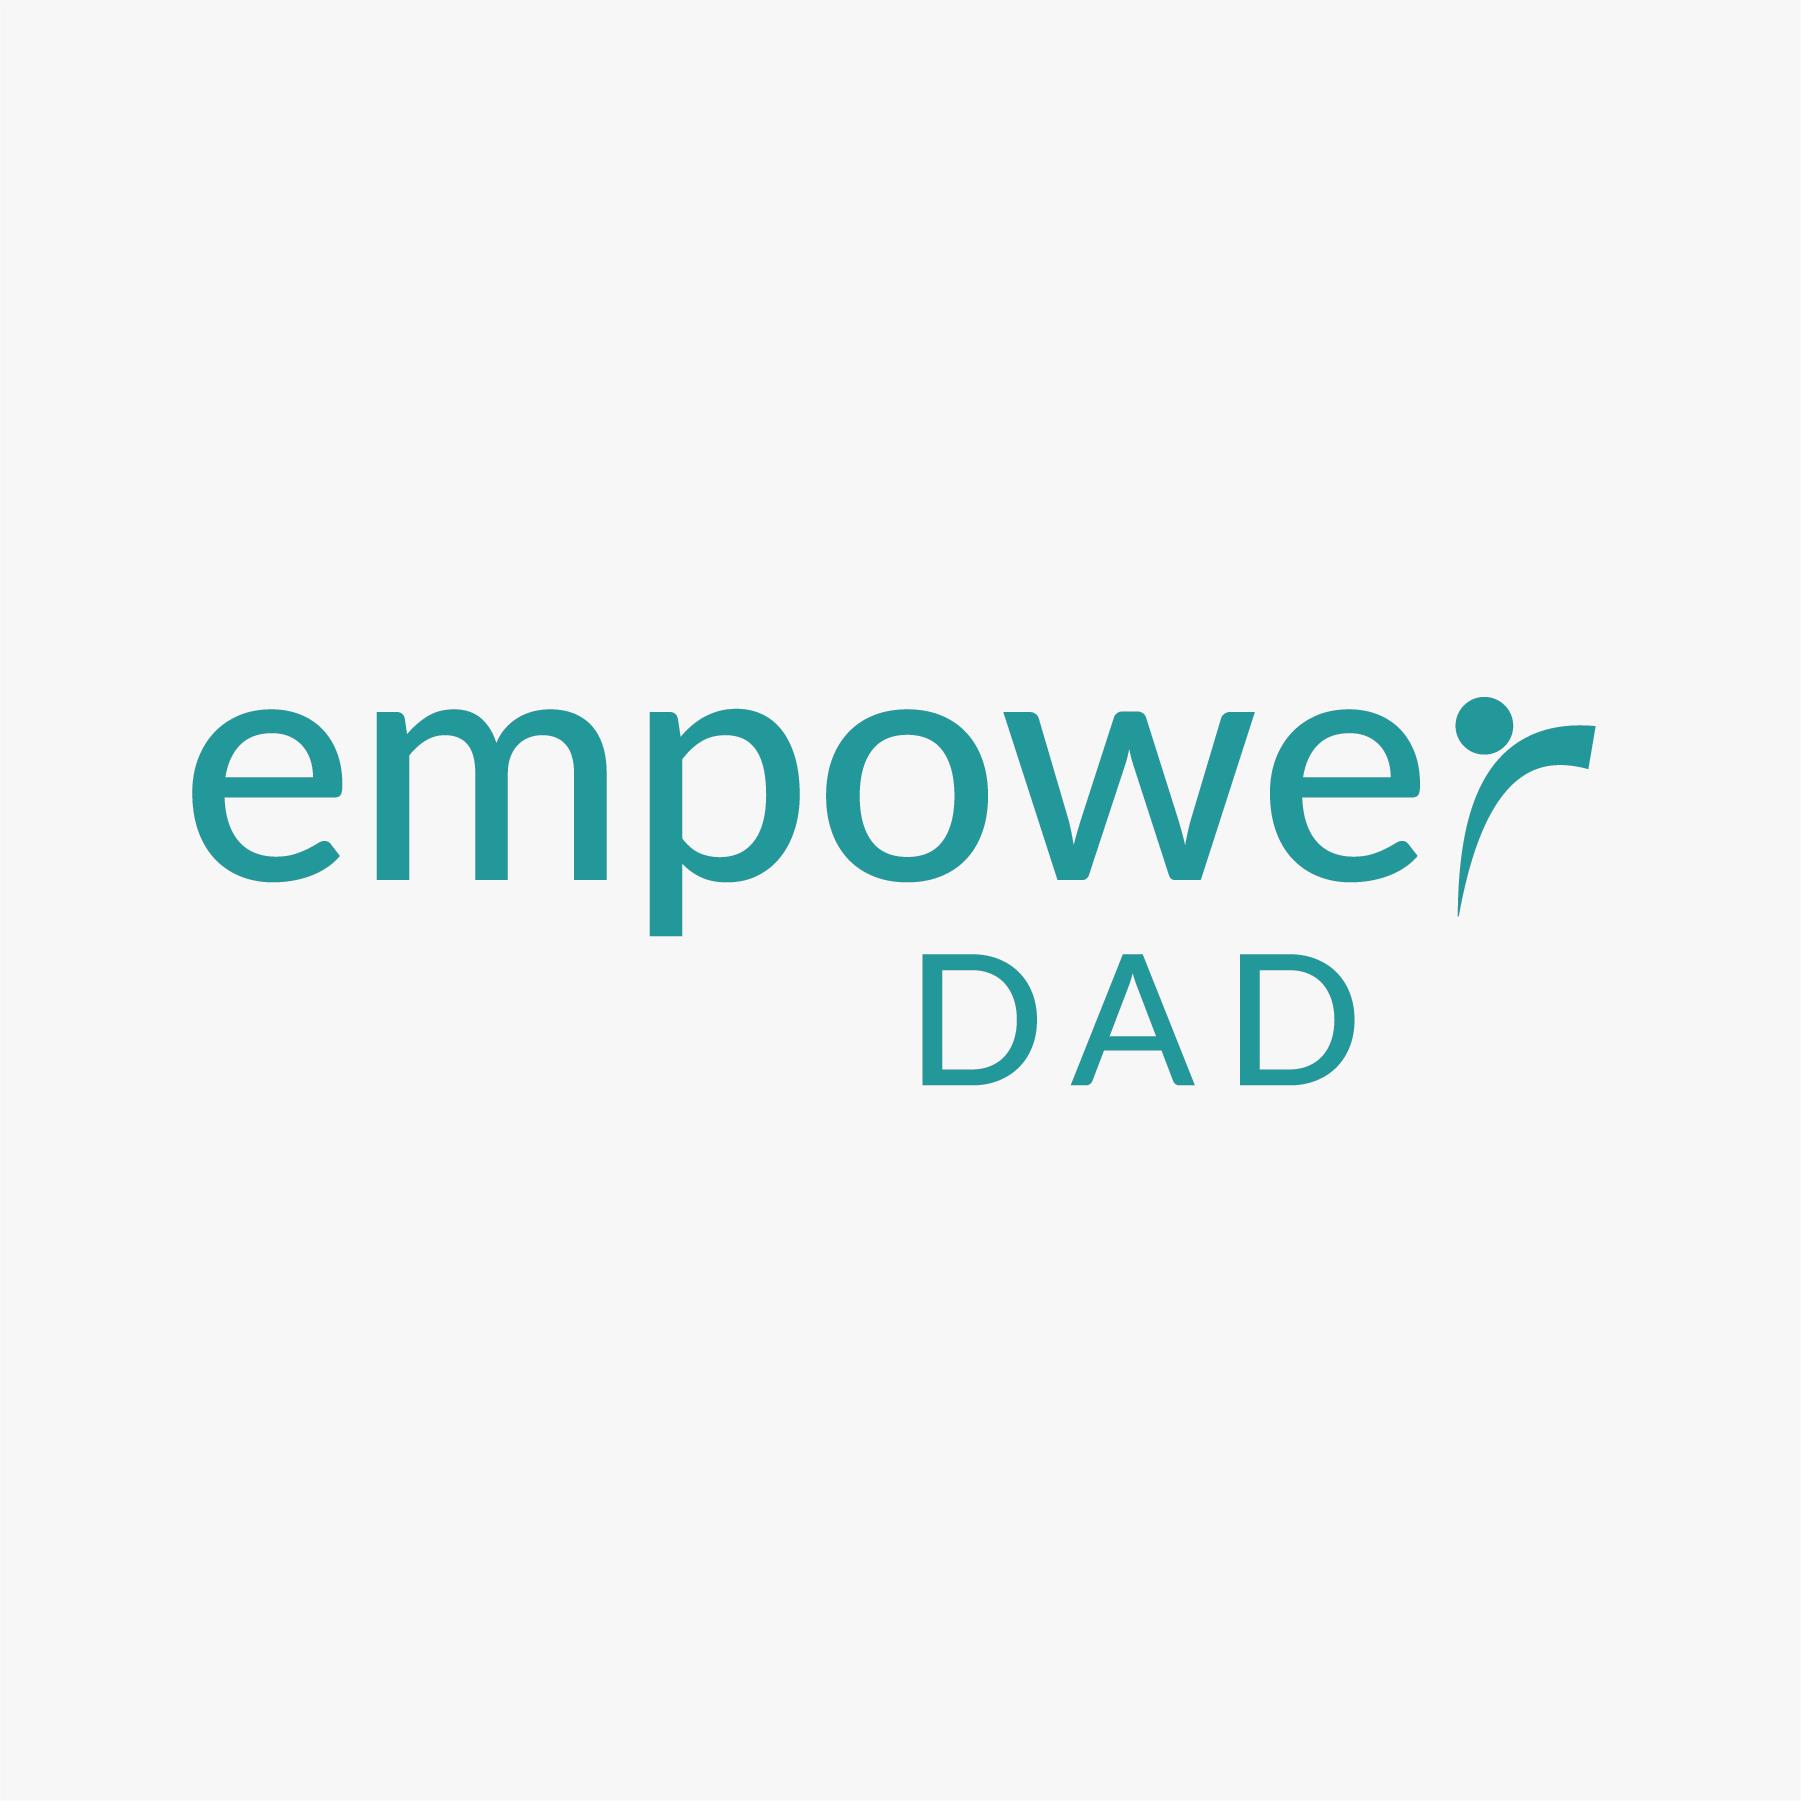 LCCM Empower Dad.jpg